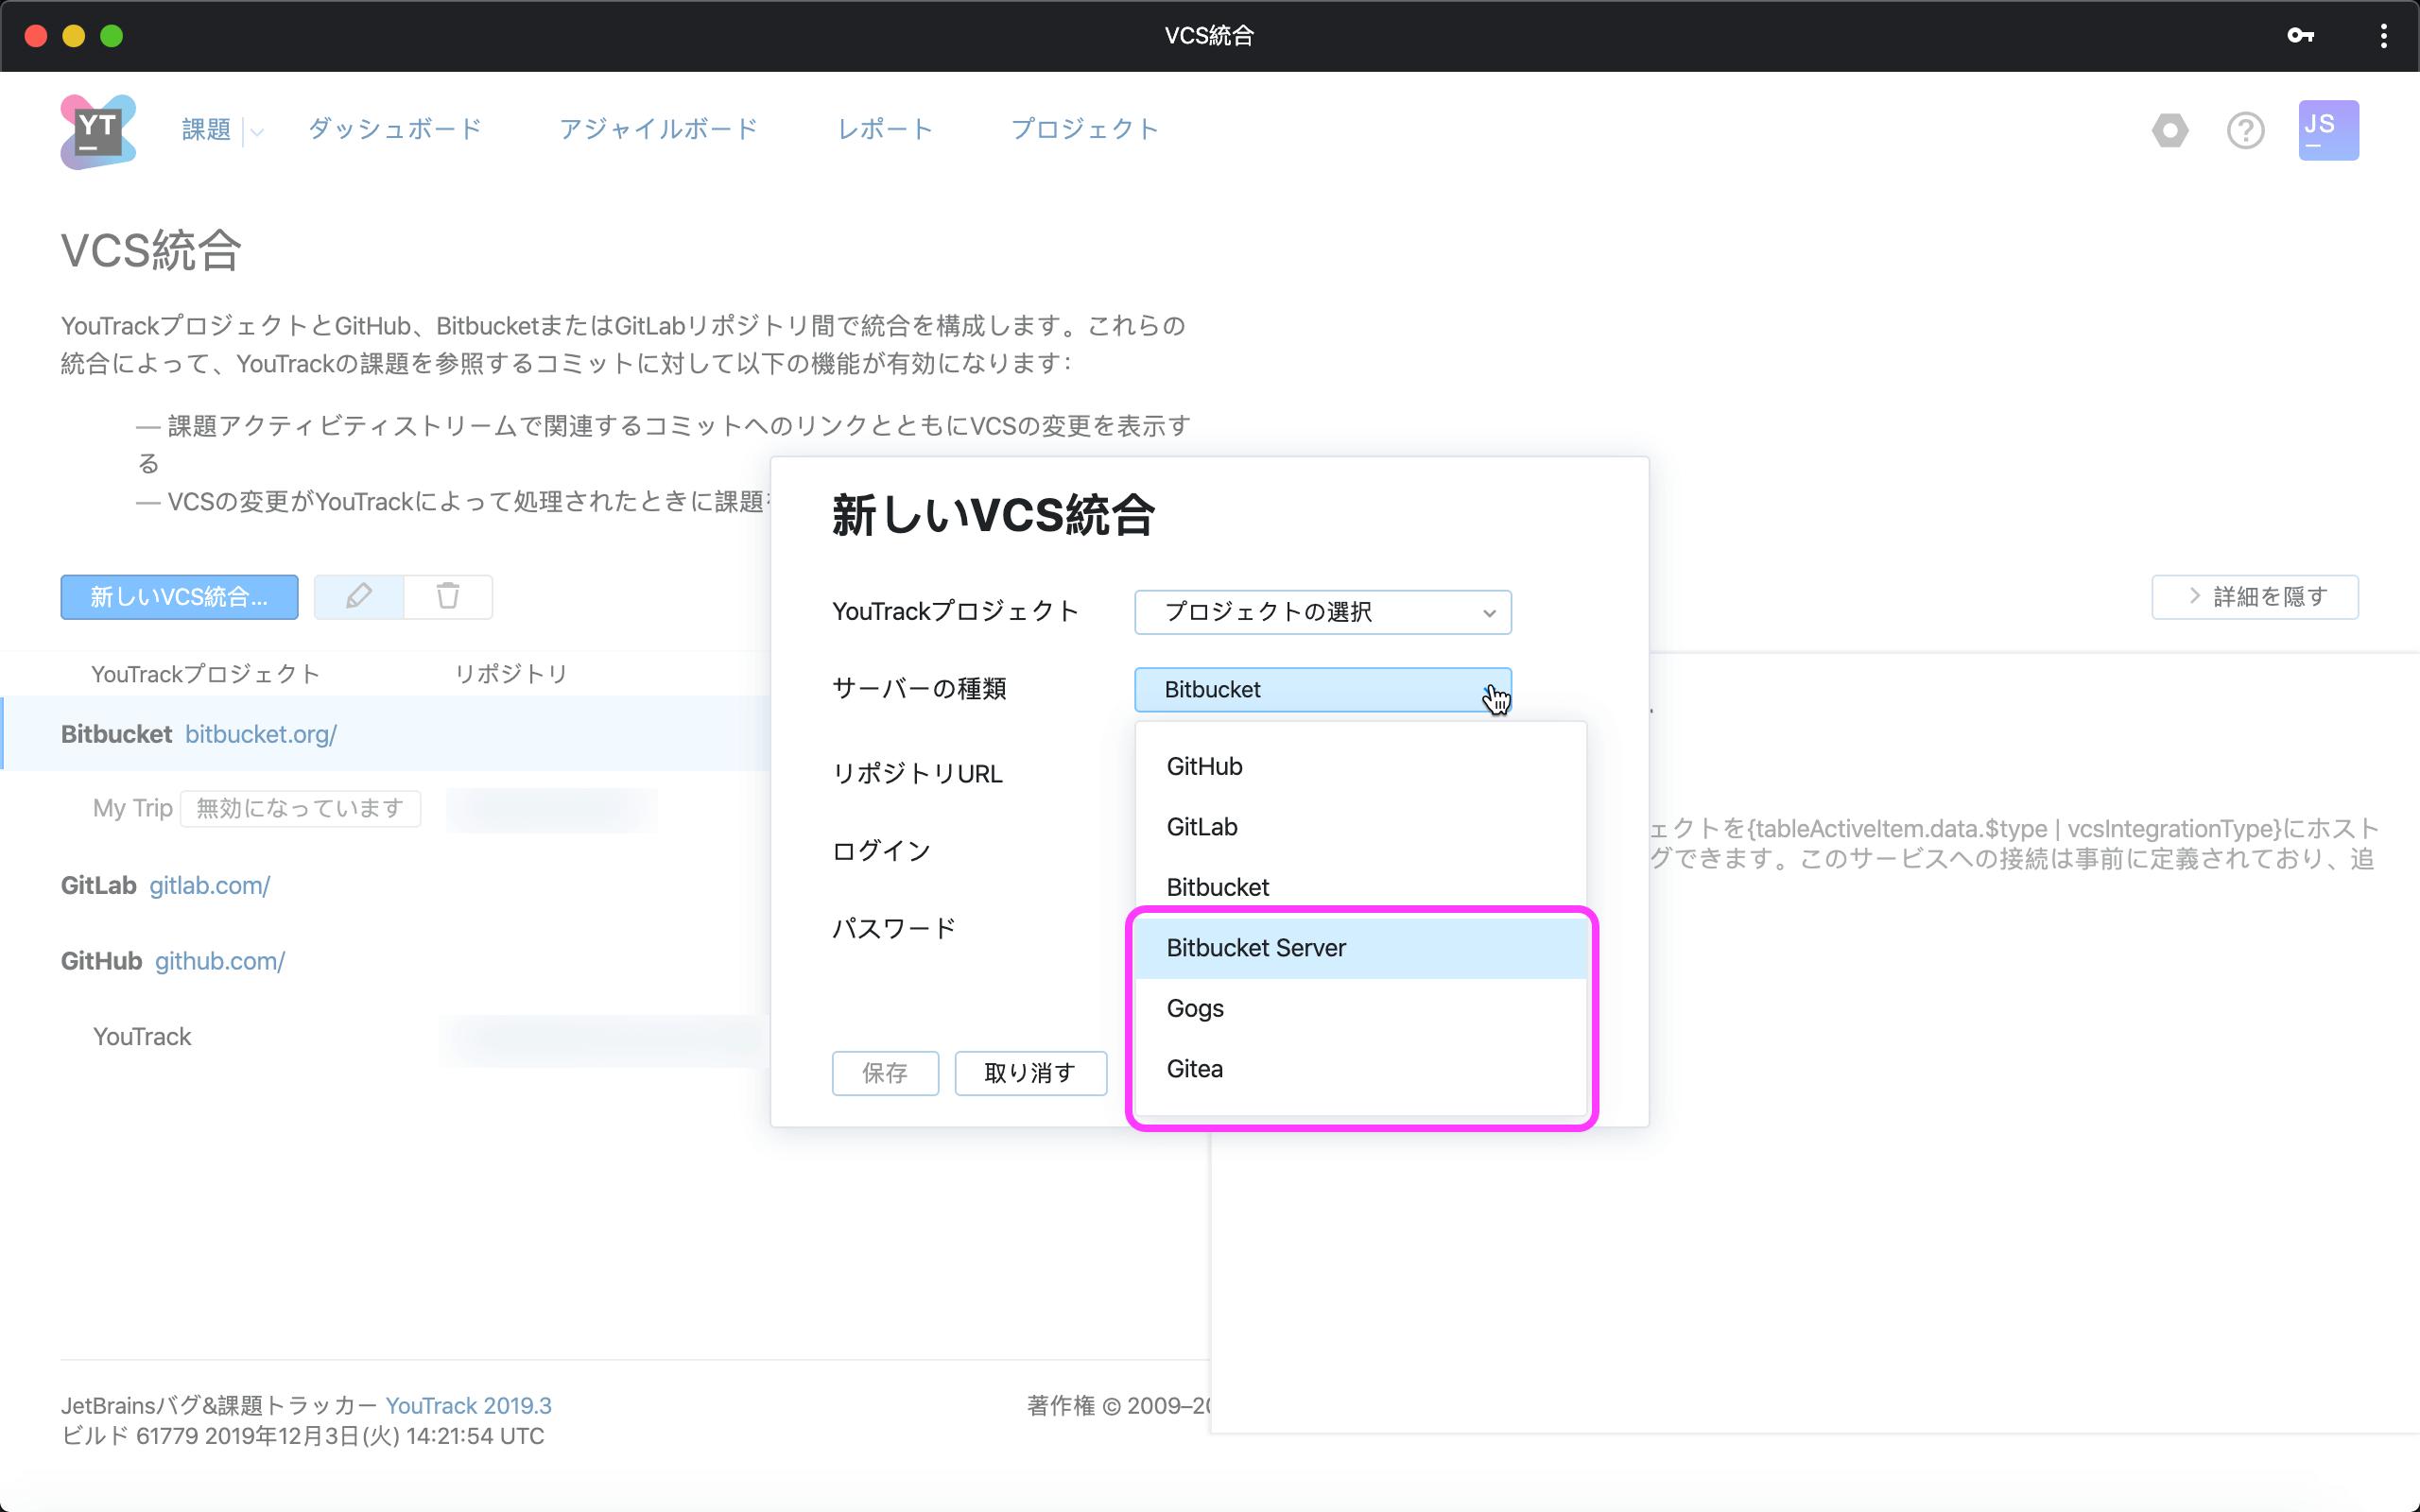 VCS_m_ja-jp